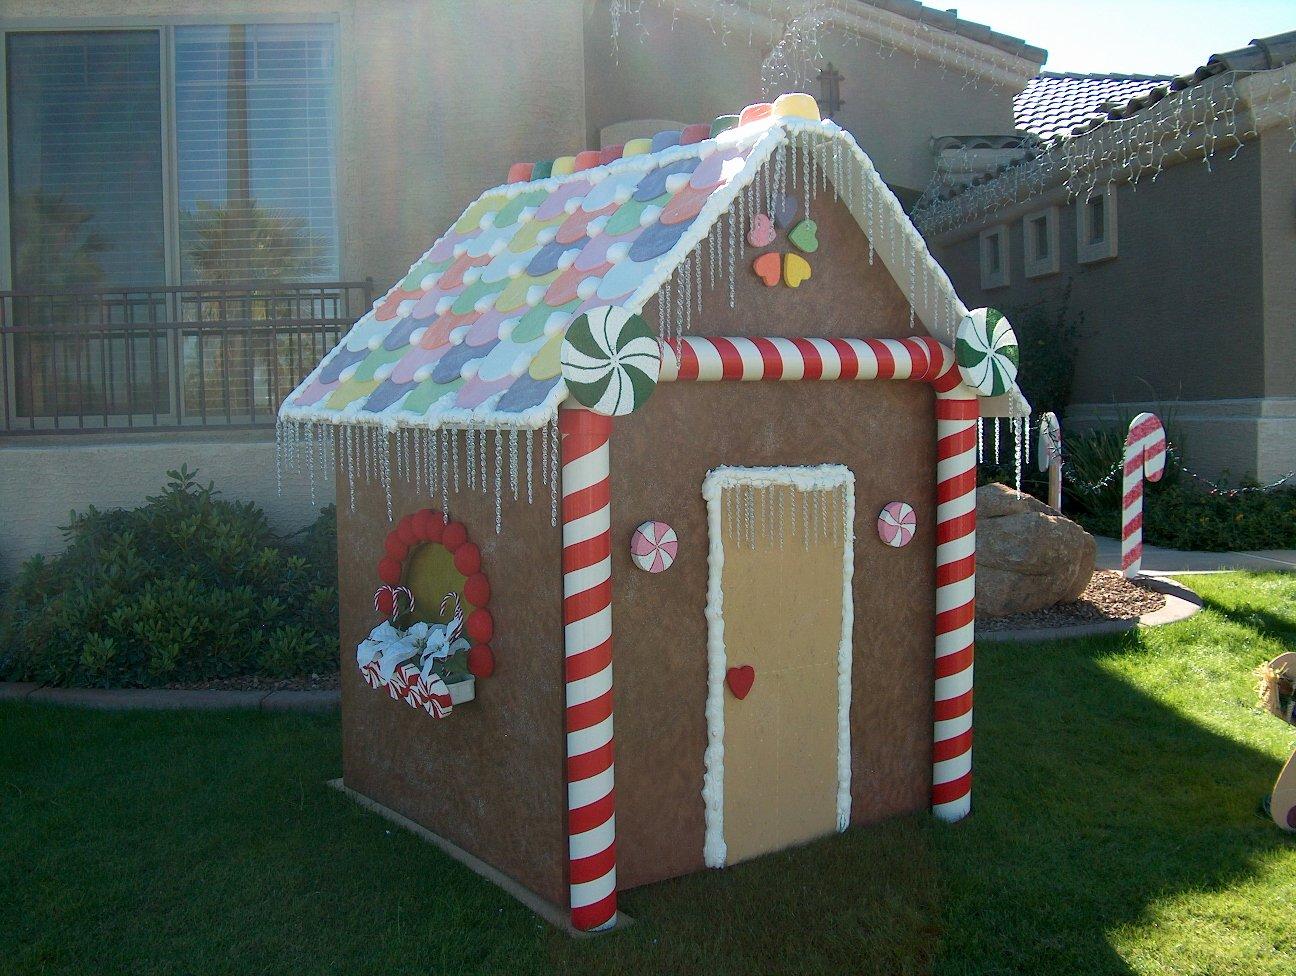 Cardboard Gingerbread House Best Of Vanderwalker Family Gingerbread House